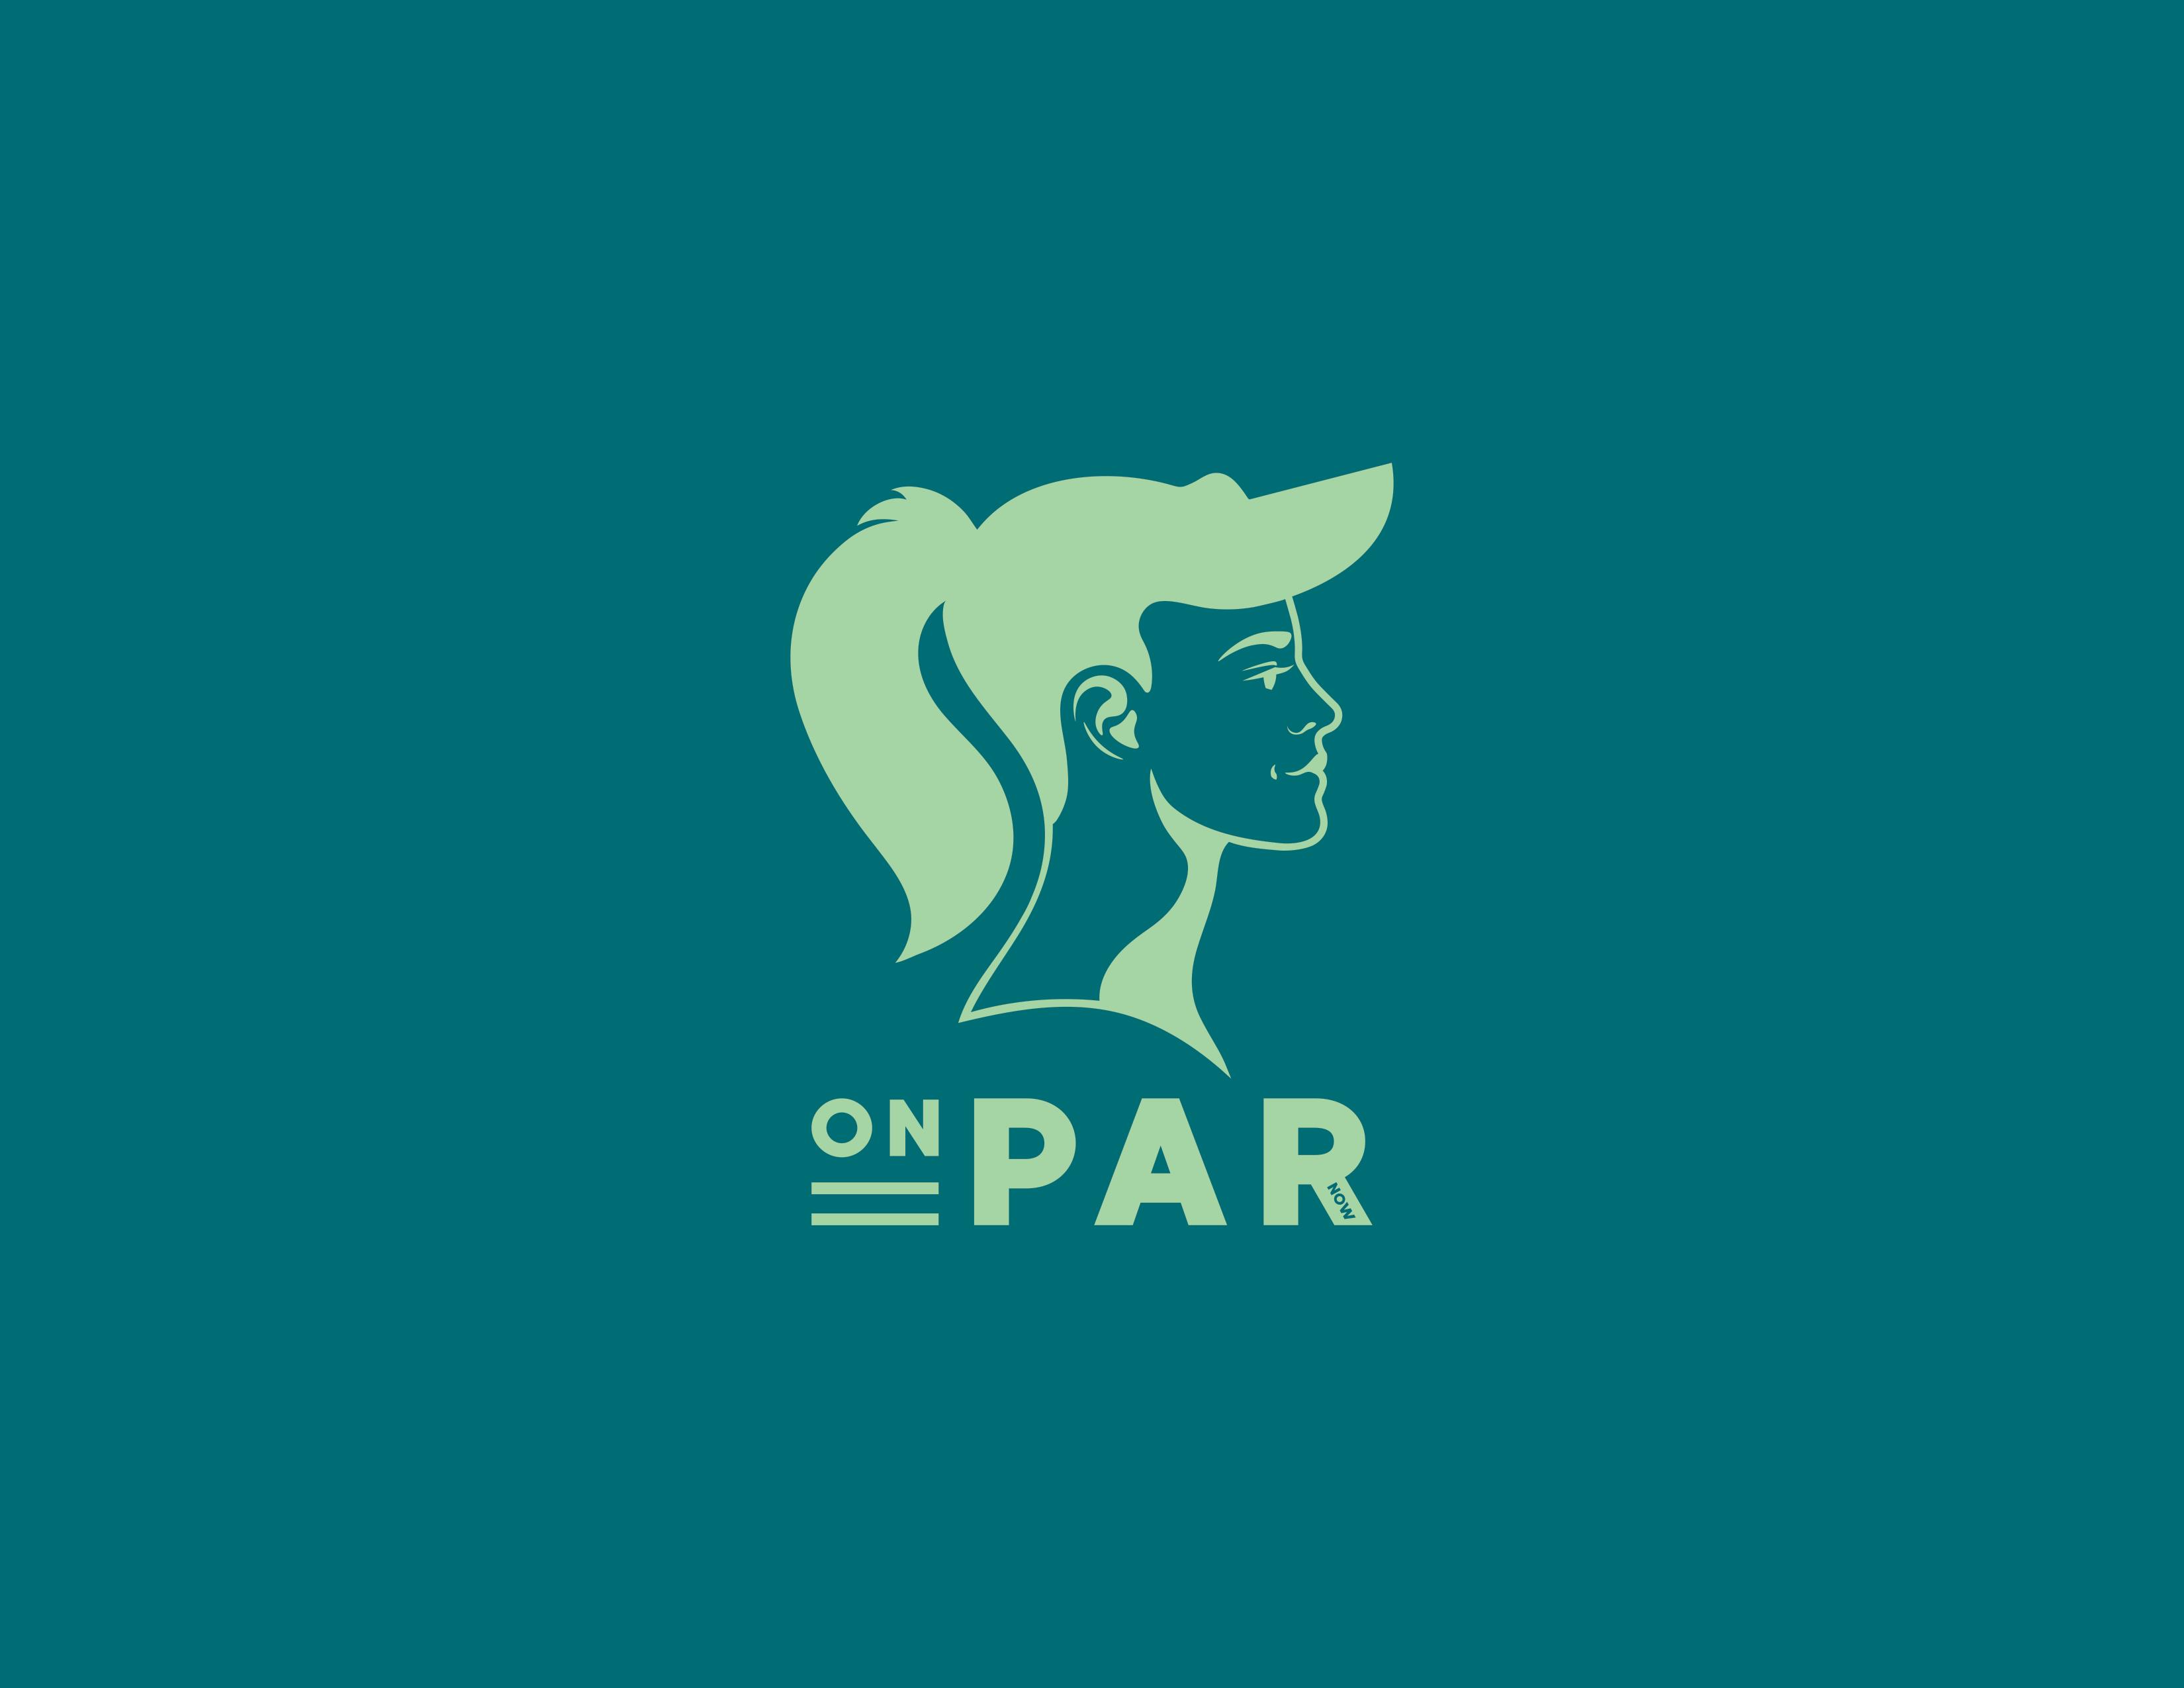 On Par Now Logo Design